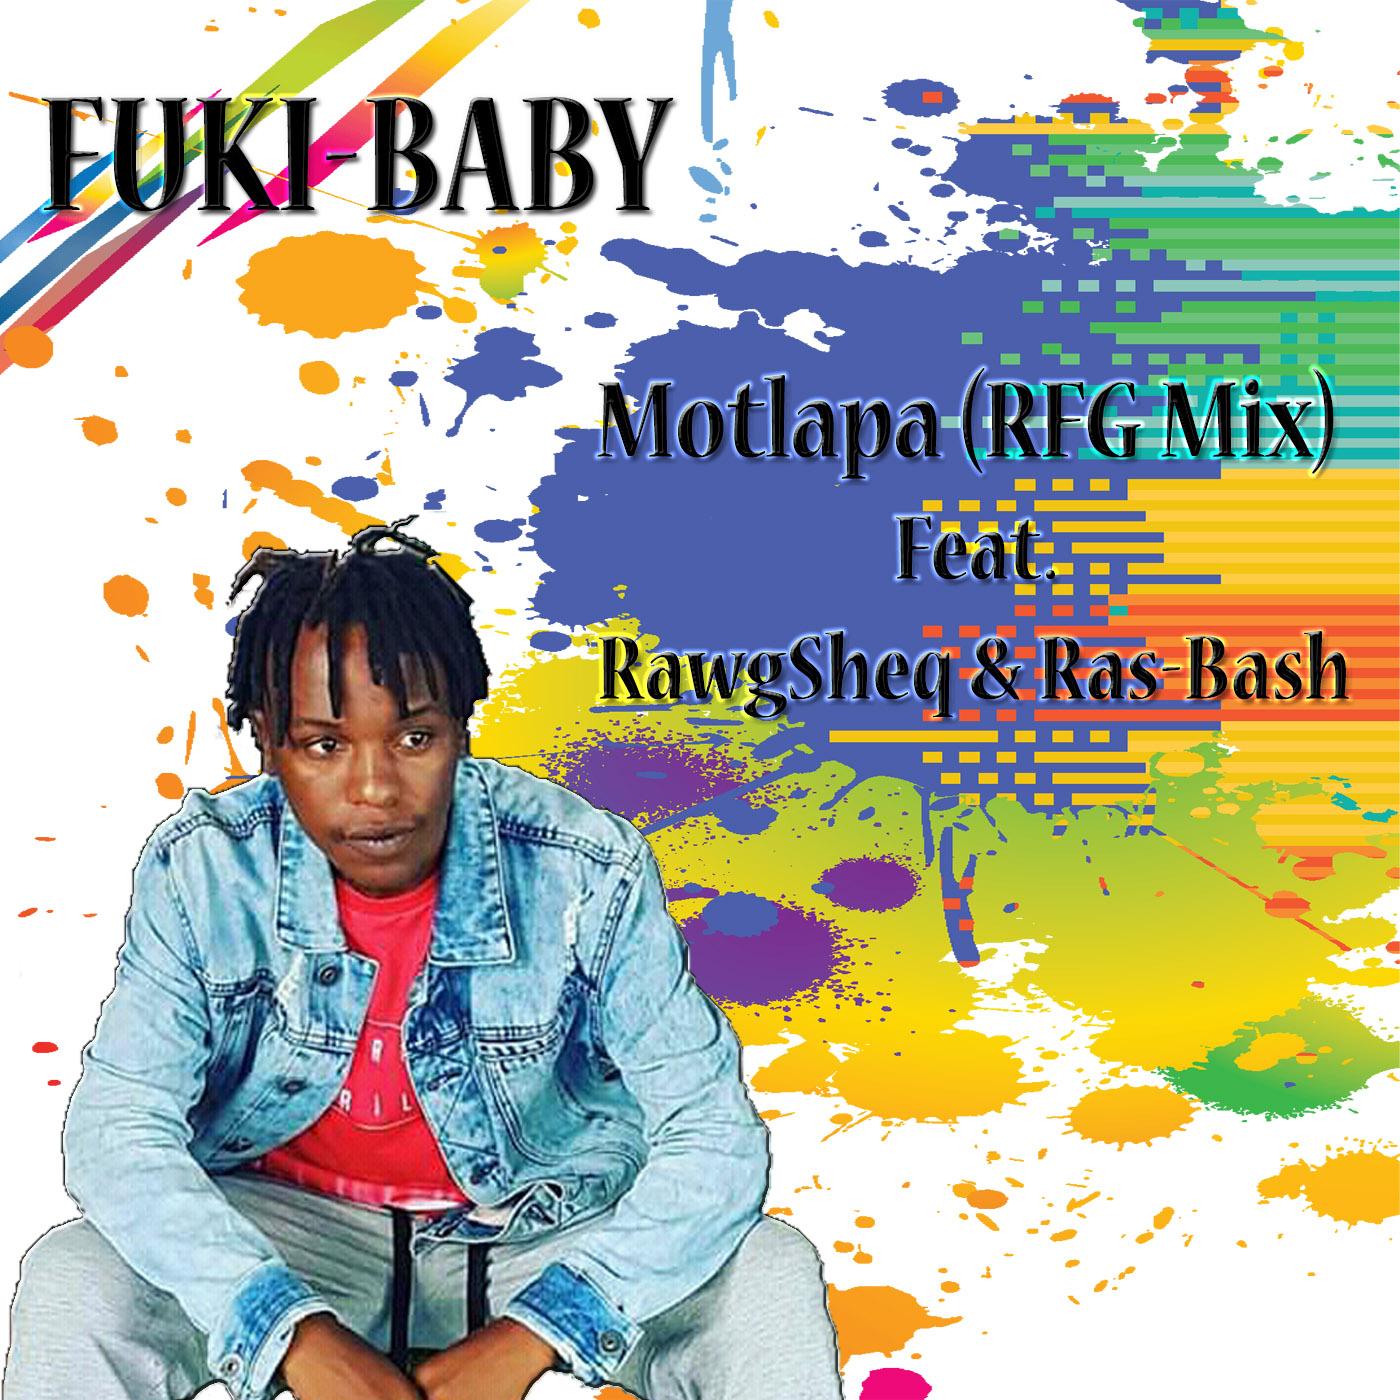 Fuki-Baby | Motlapa (RFG Mix) Feat. Ras-Bash & RawgSheq